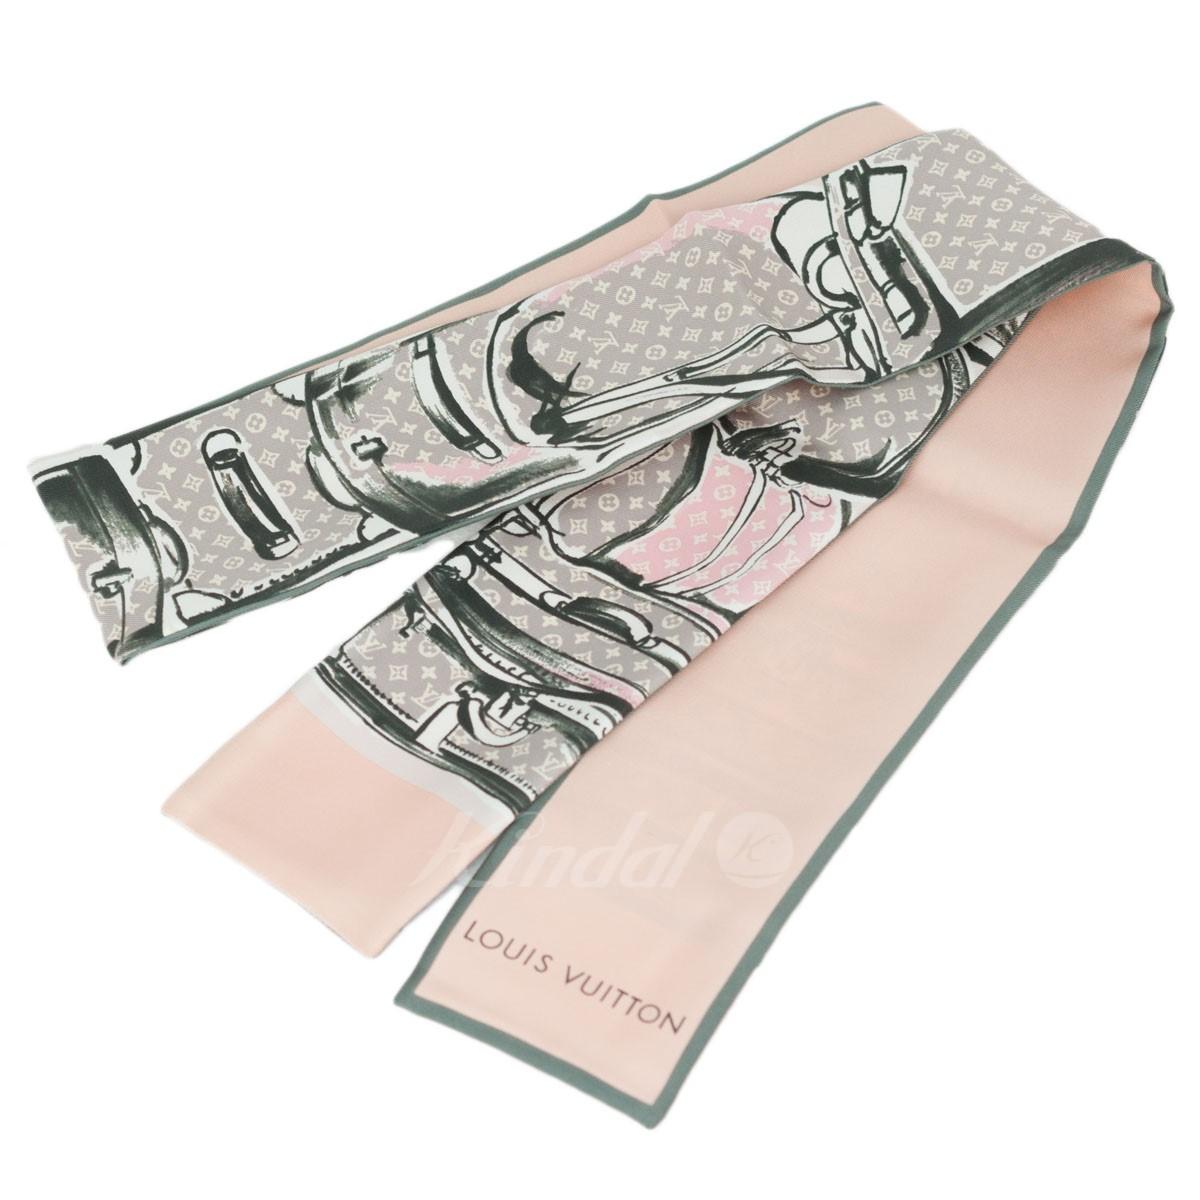 【中古】LOUIS VUITTON バンドー シルク スカーフ ピンク 【送料無料】 【280219】(ルイヴィトン)